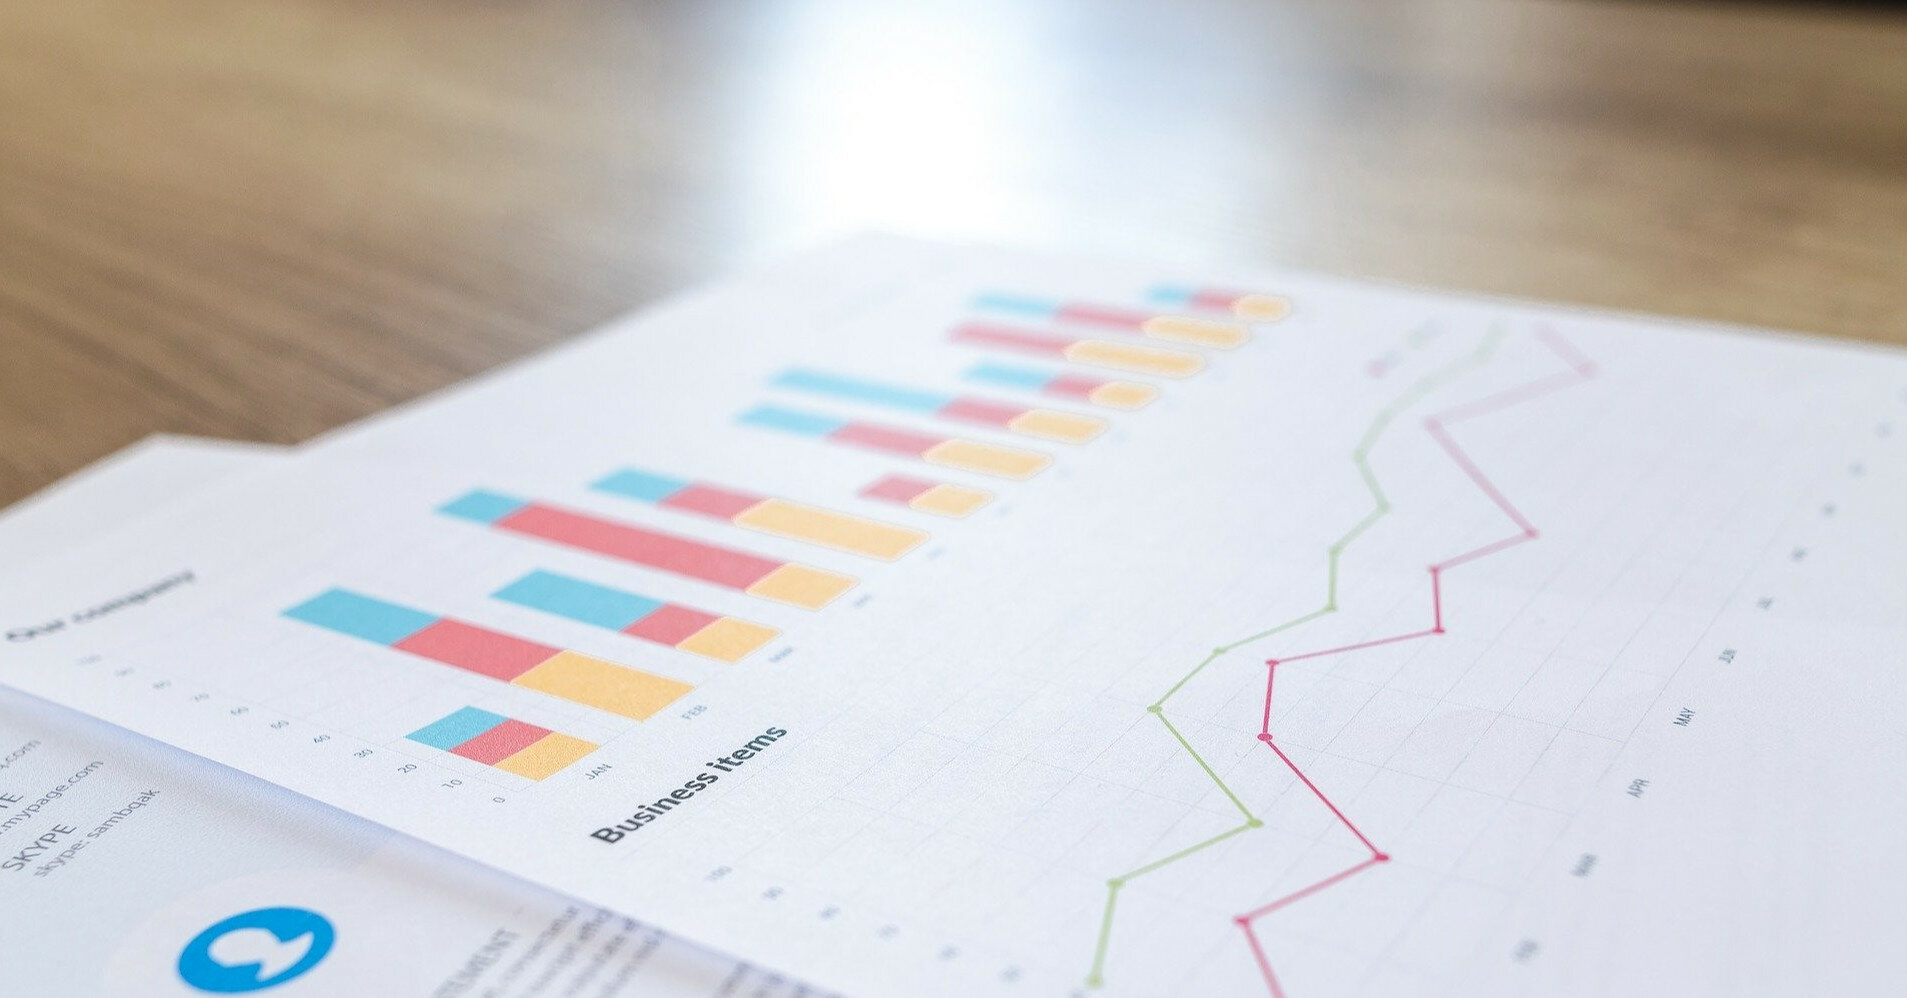 В Украине только 38% прибыльных компаний: топ-5 самых успешных